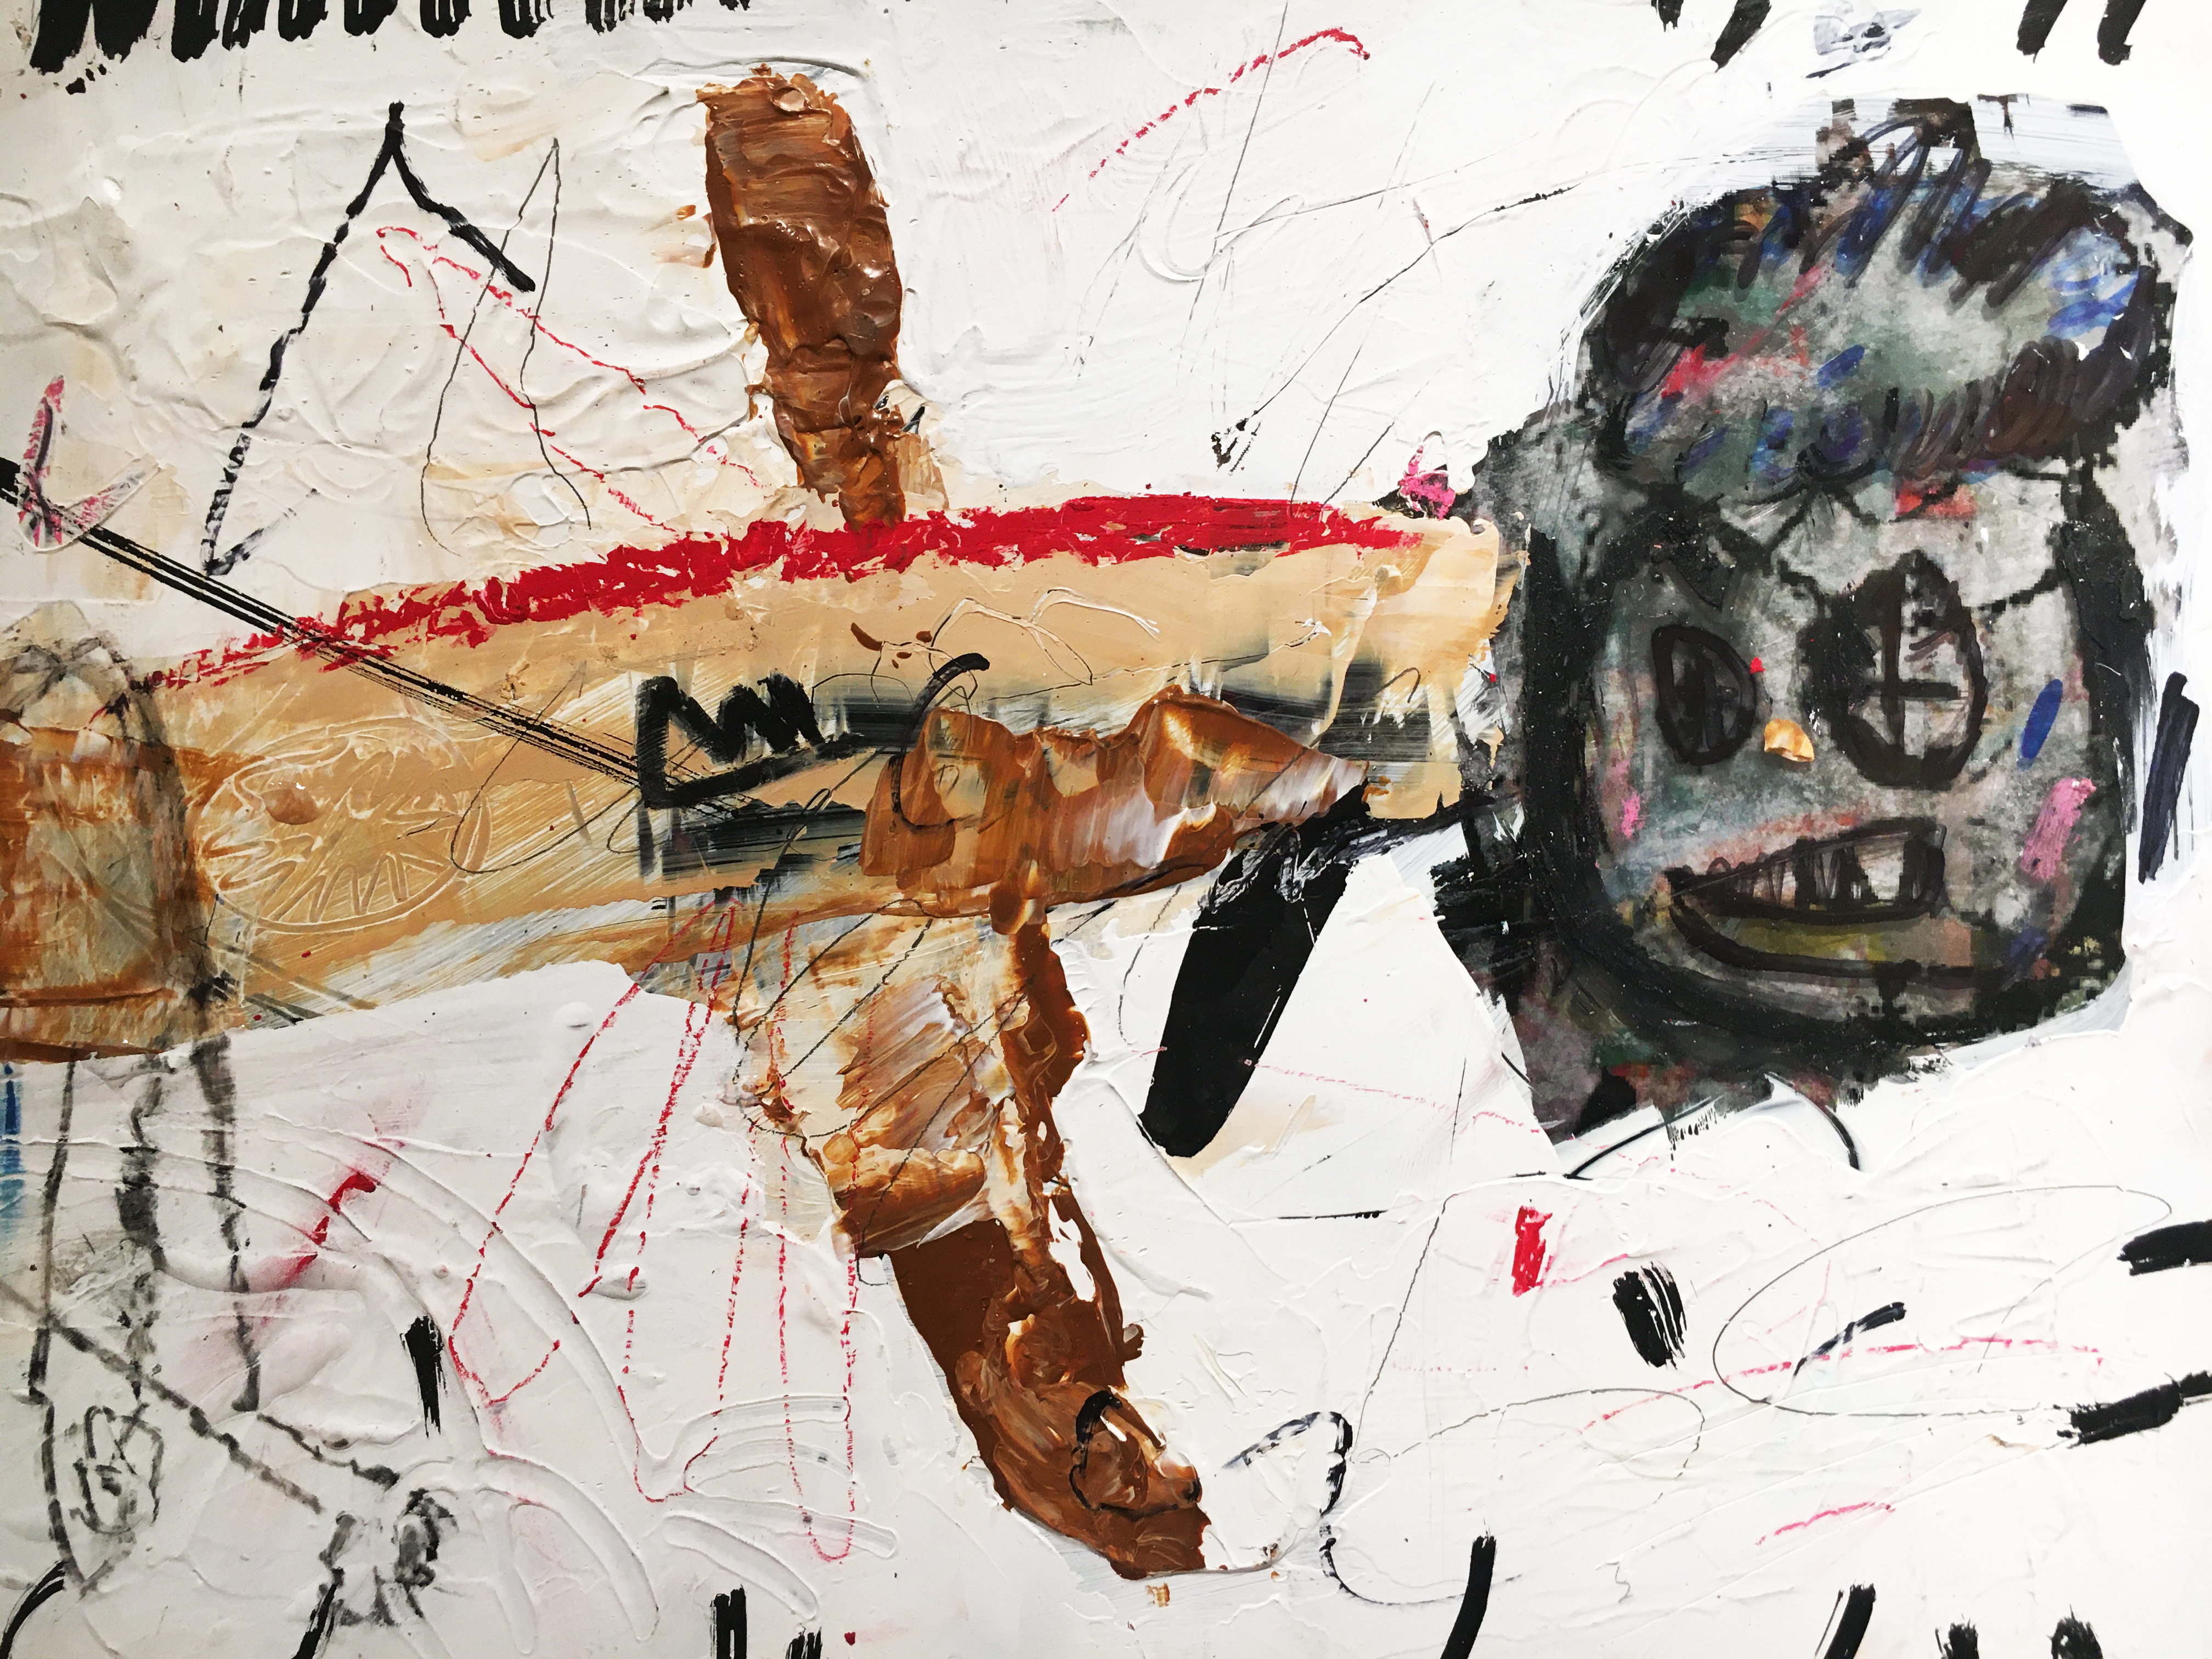 張瓊方,《蜻蜓》,25 x 35 cm,油彩、蠟筆、畫布、壓克力板,2020。